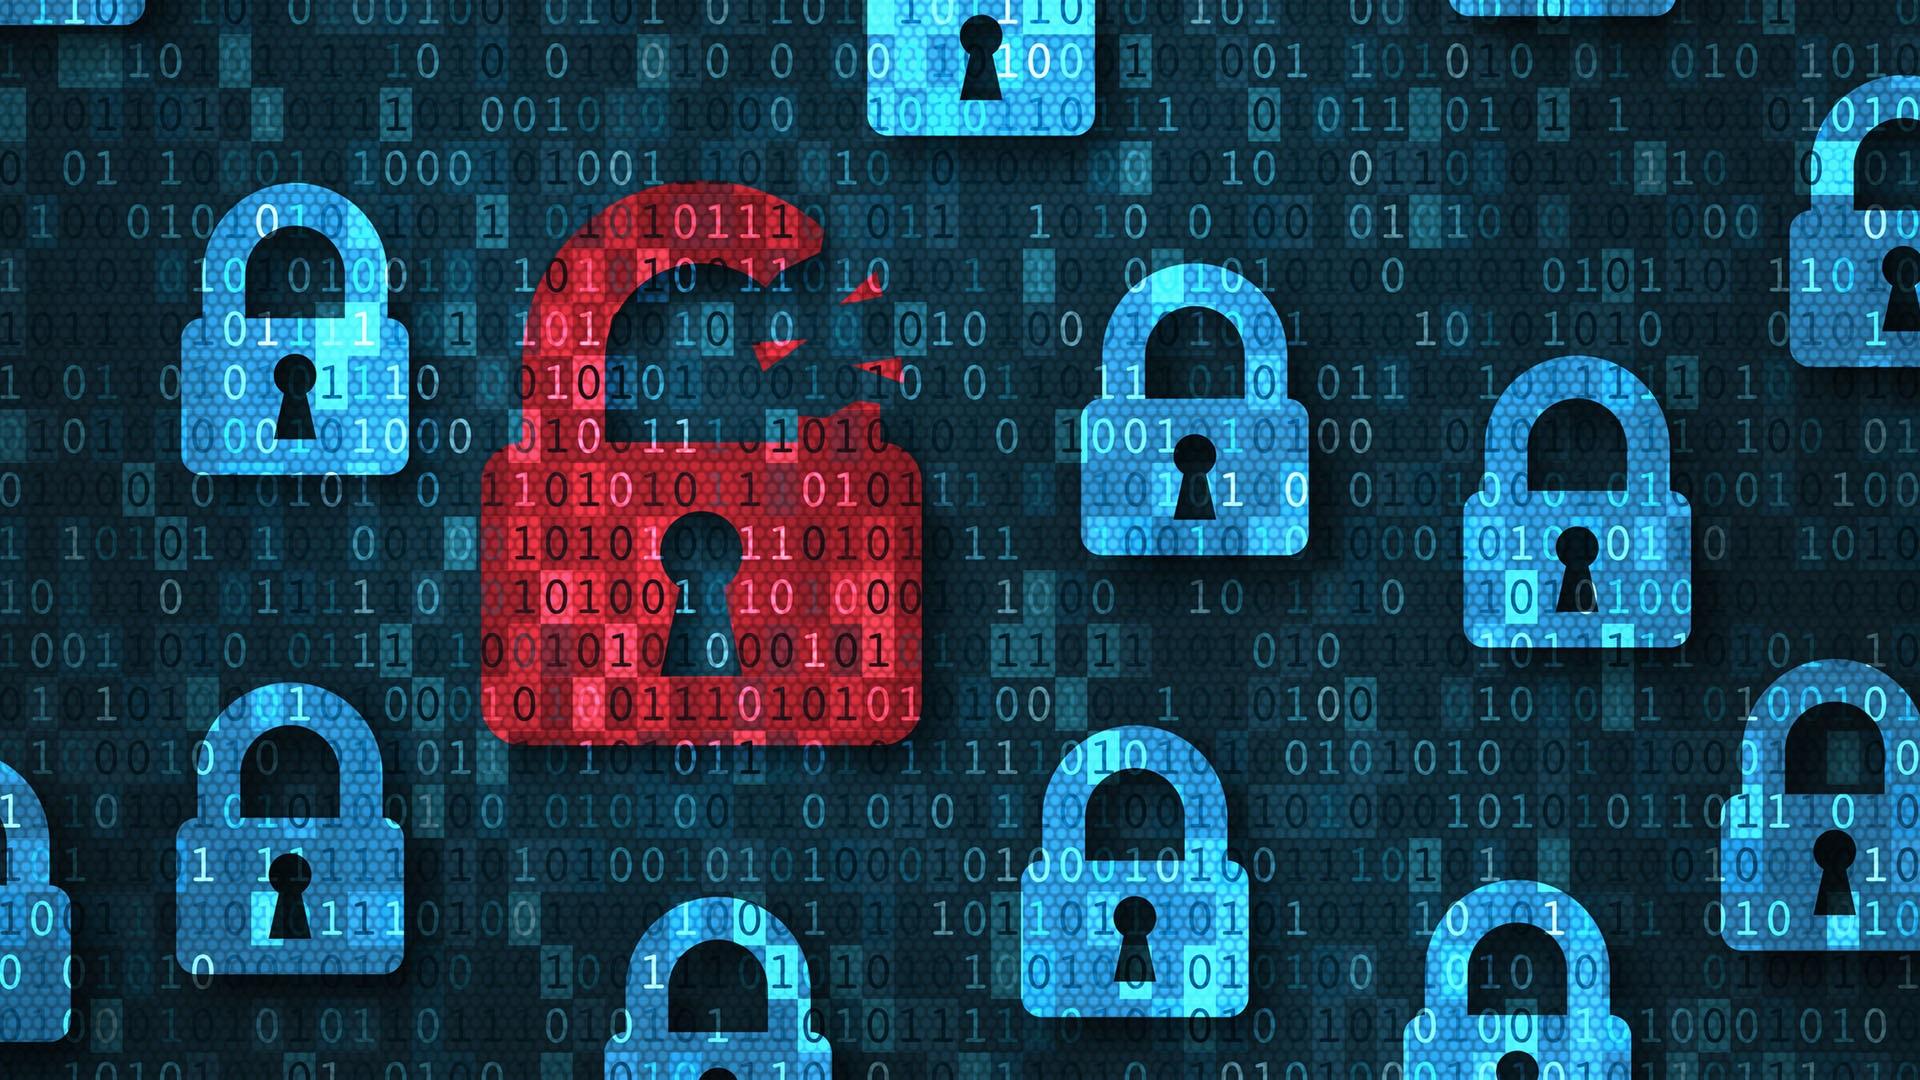 В Firefox и Chrome исправлены уязвимости, выявленные в ходе Tianfu Cup